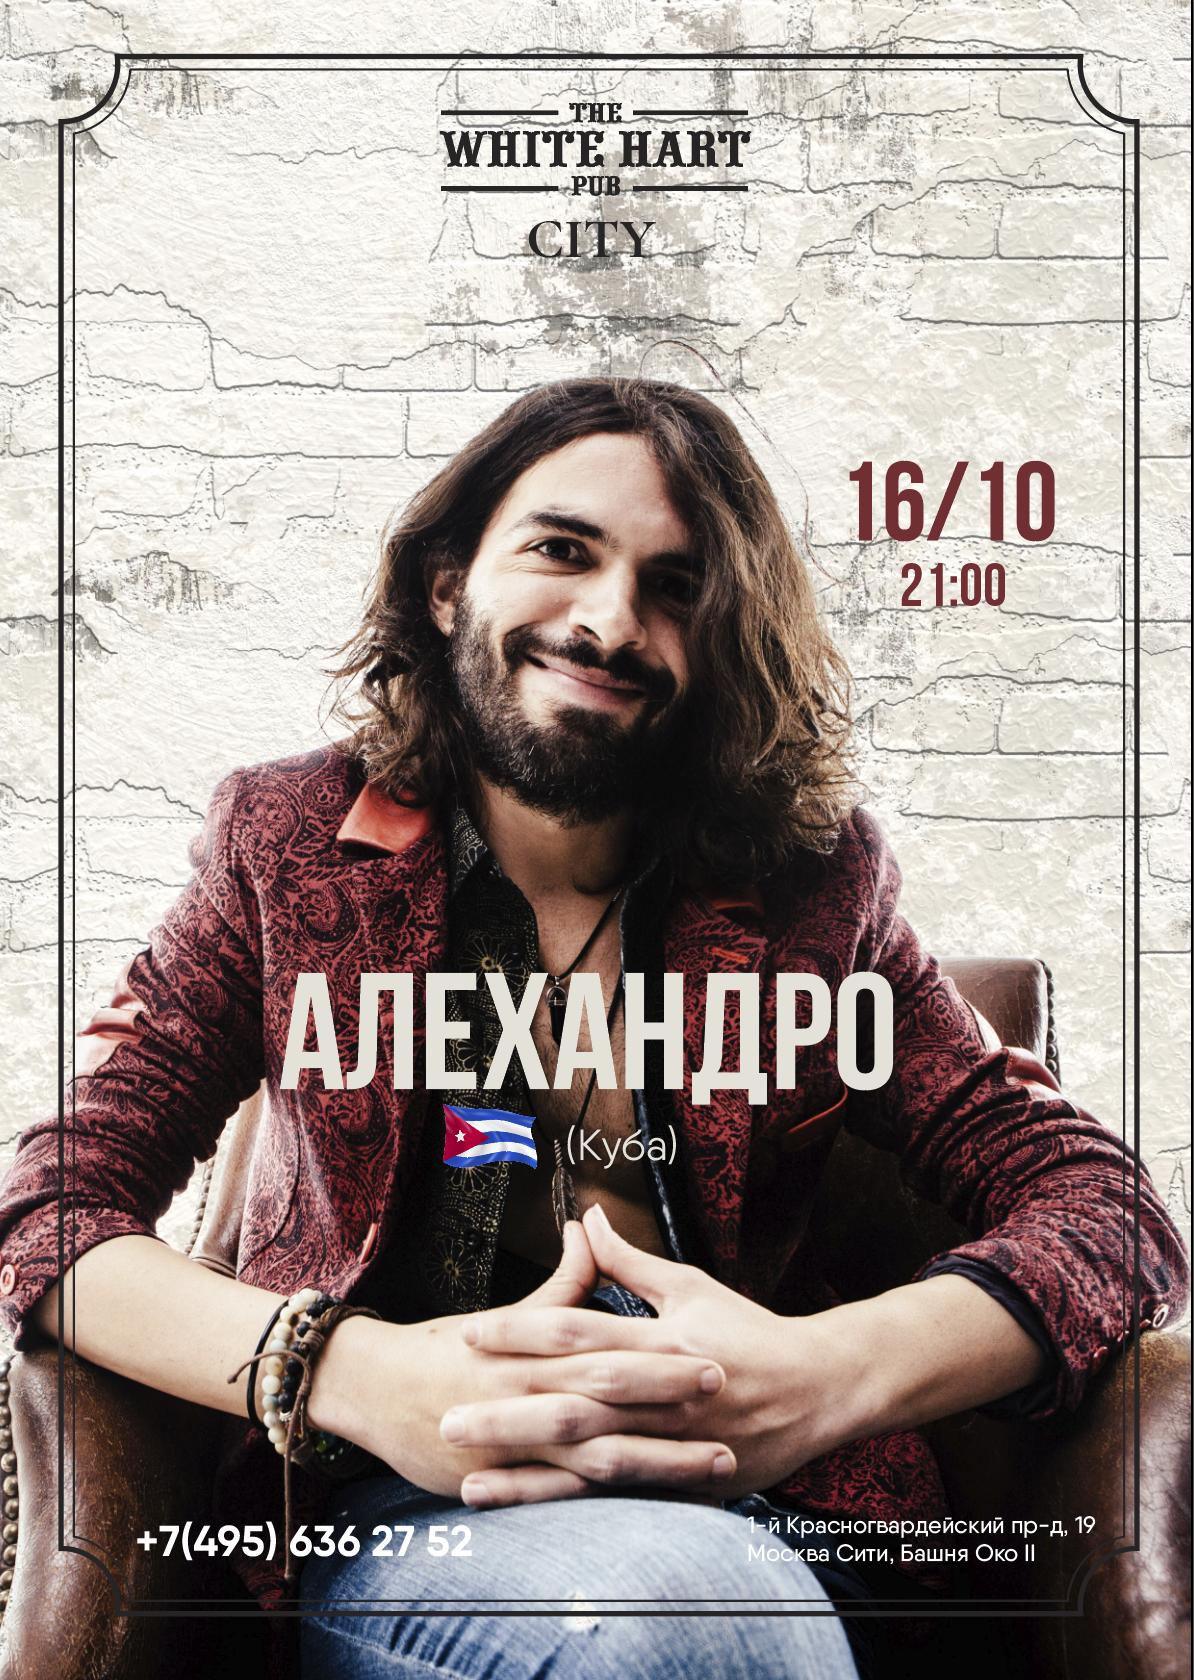 Афиша! 16 октября — Кубинский исполнитель Алехандро в White Hart Pub Moscow City